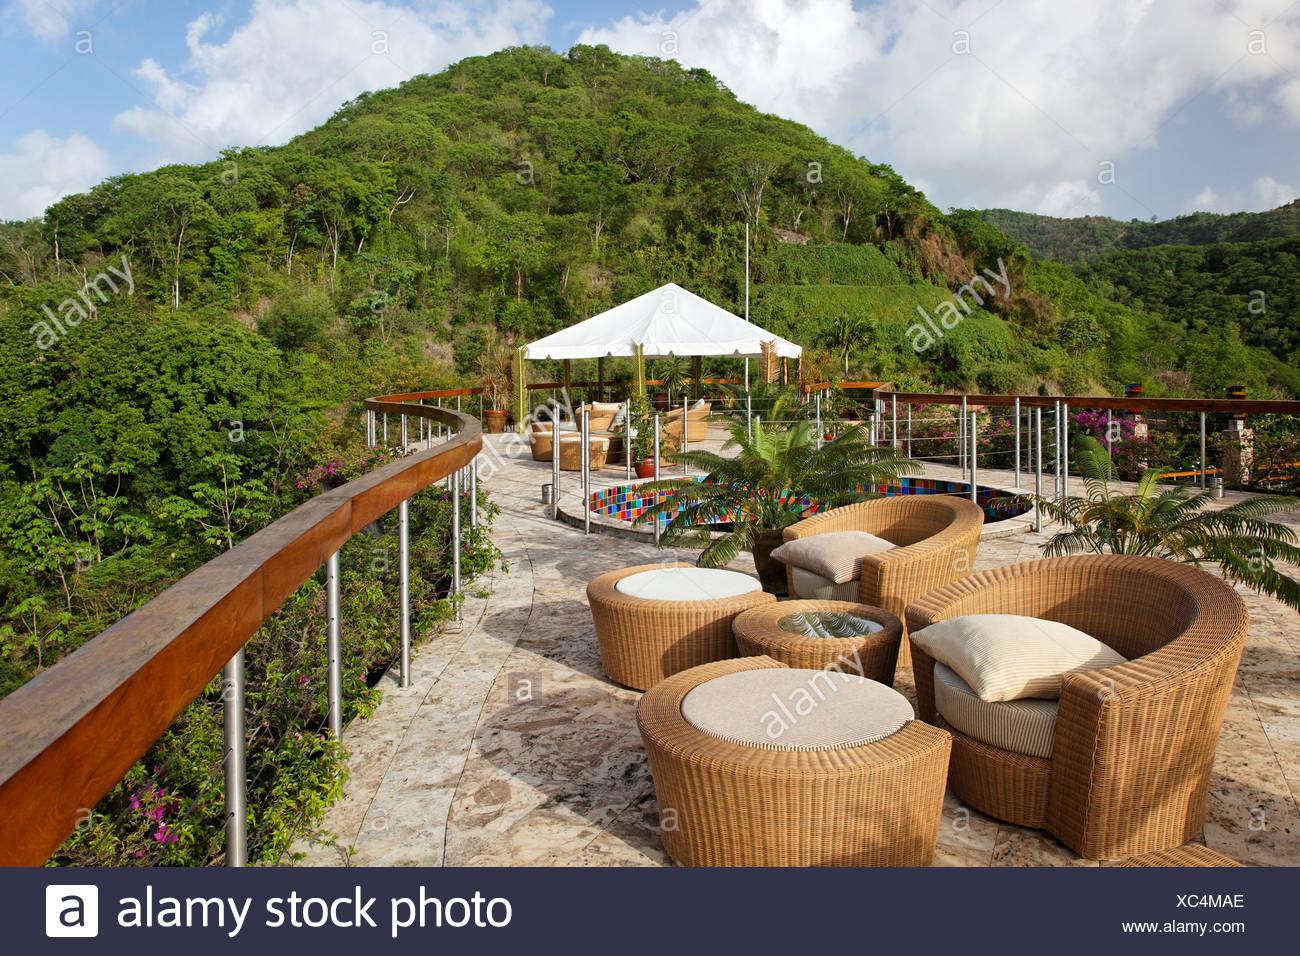 La terrazza sul tetto, Dedon, mobili, pietra naturale pavimento, emisfero, pioggia forrest, unica, Jade Mountain hotel di lusso, Saint Lucia Immagini Stock